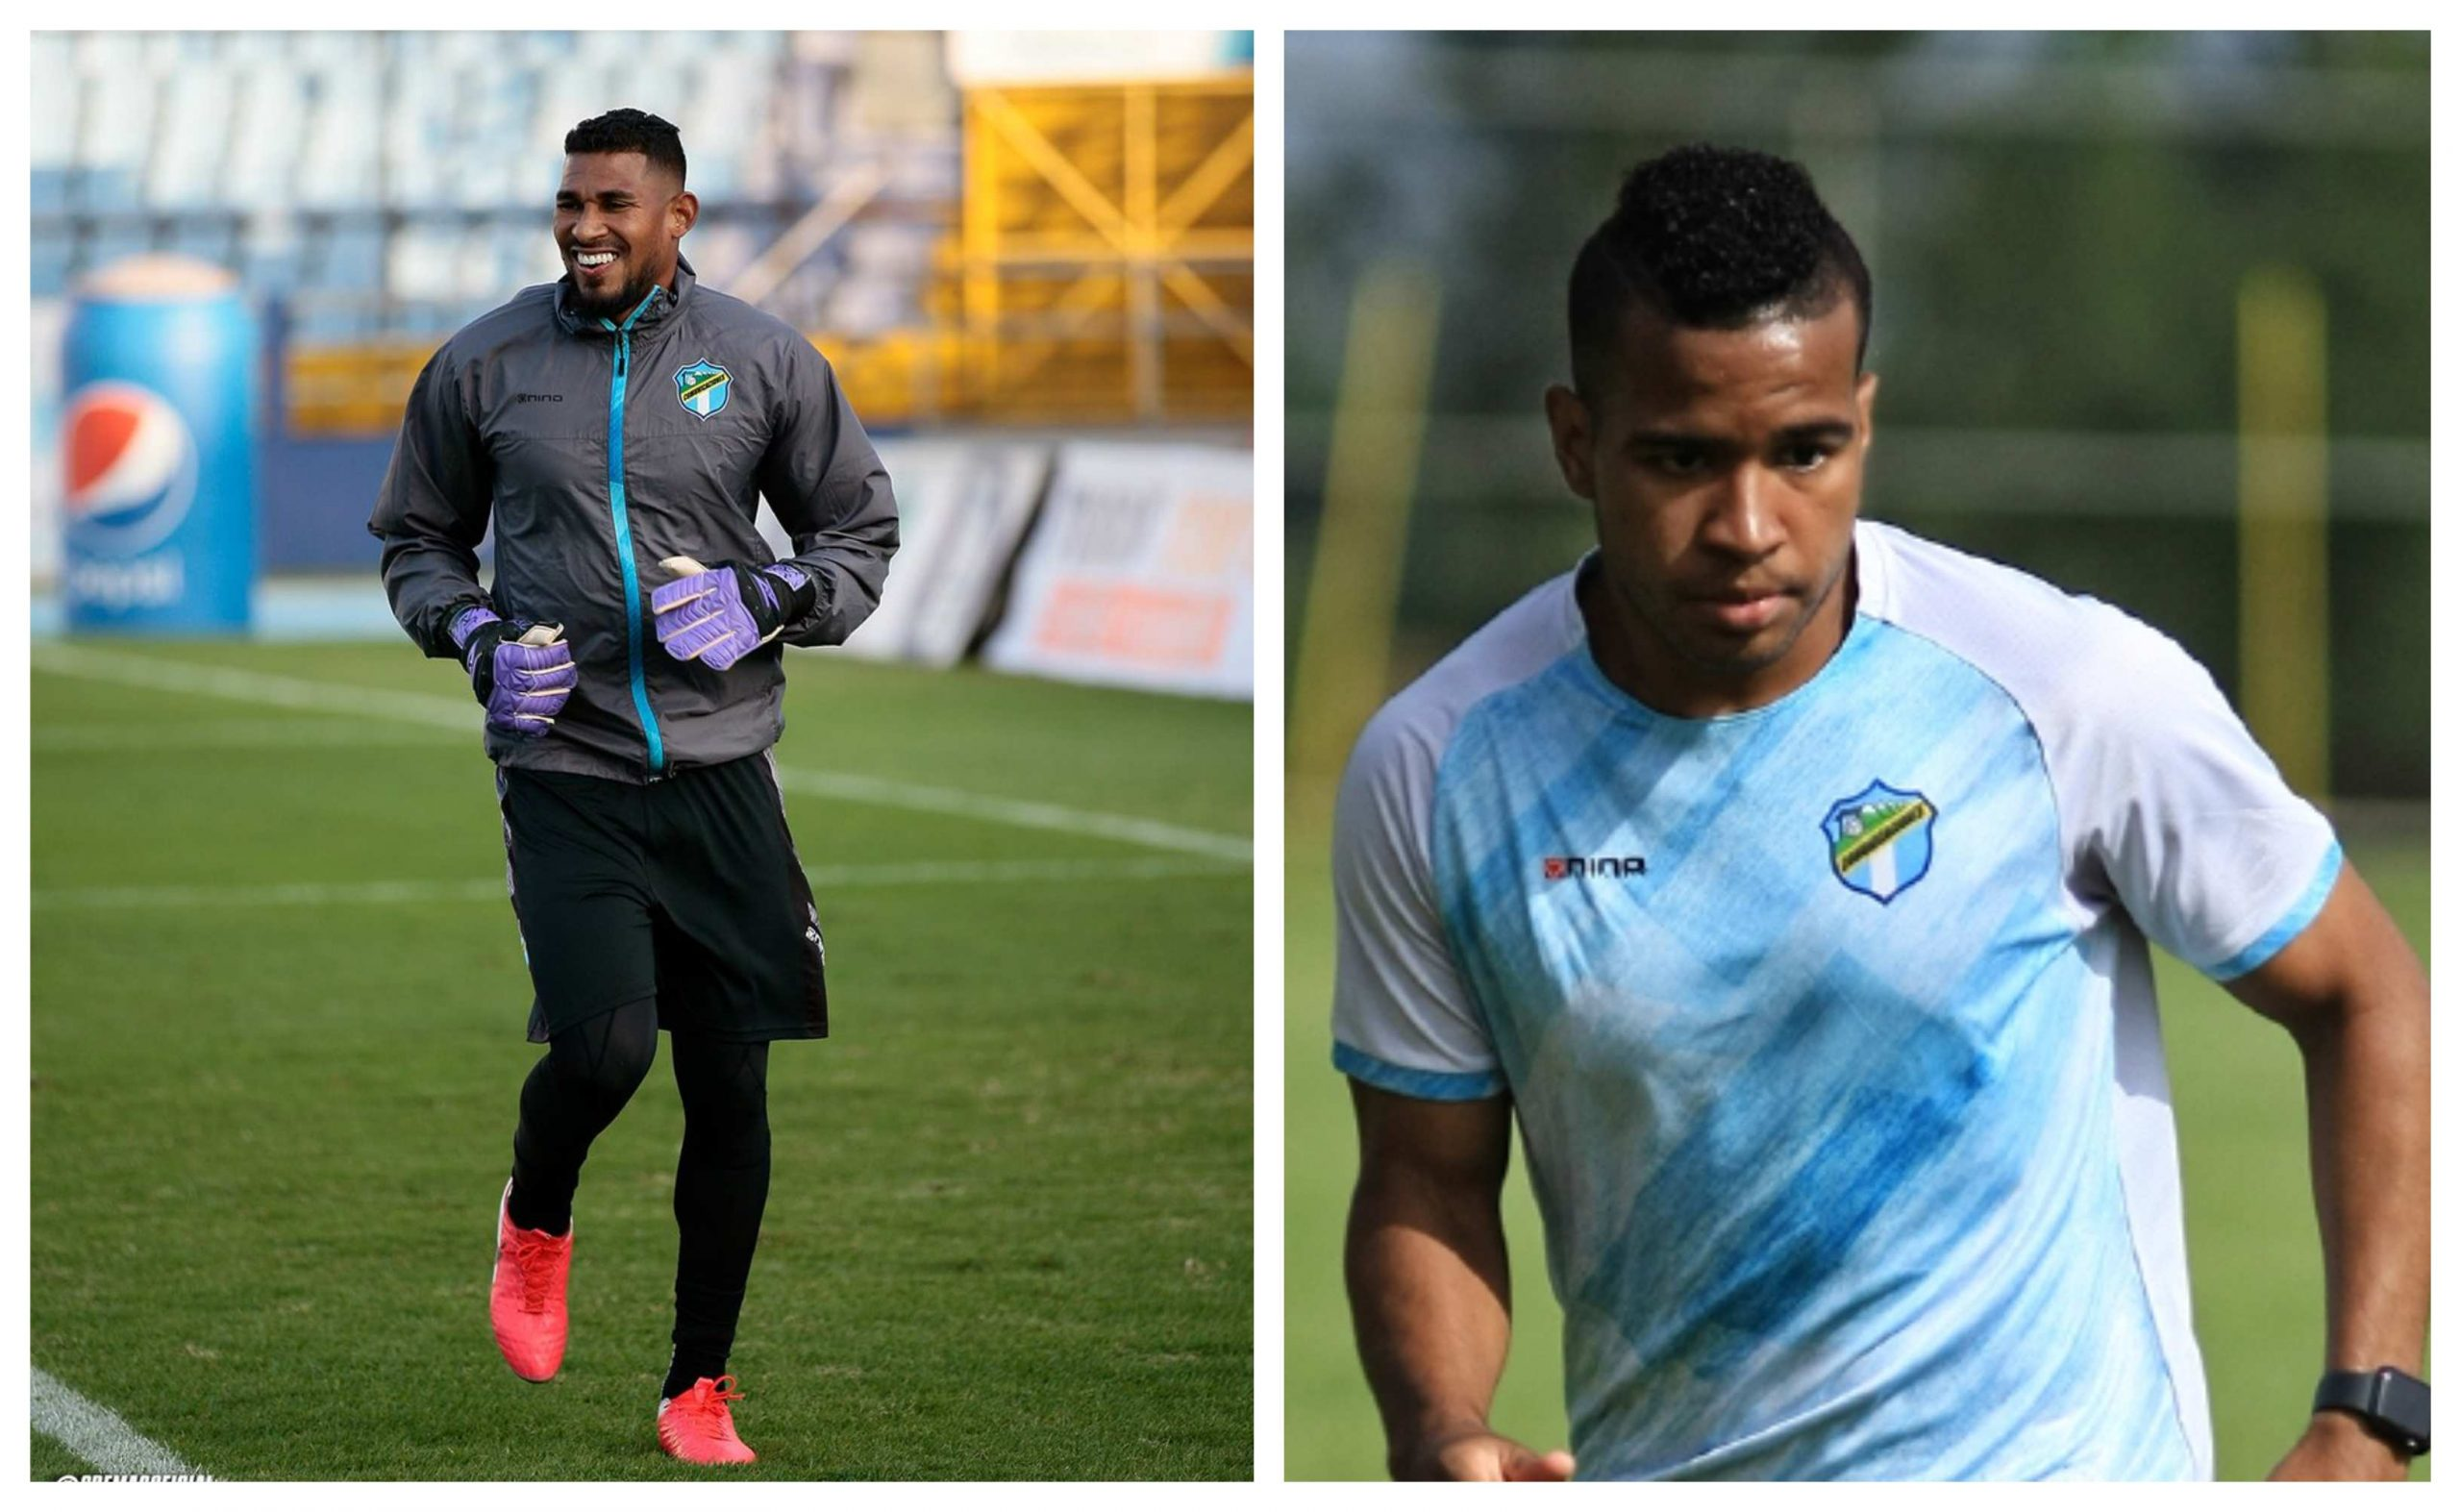 Los panameños José Calderón y José Murillo, portero y volante de Comunicaciones, fueron convocados por su selección para dos partidos amistosos.